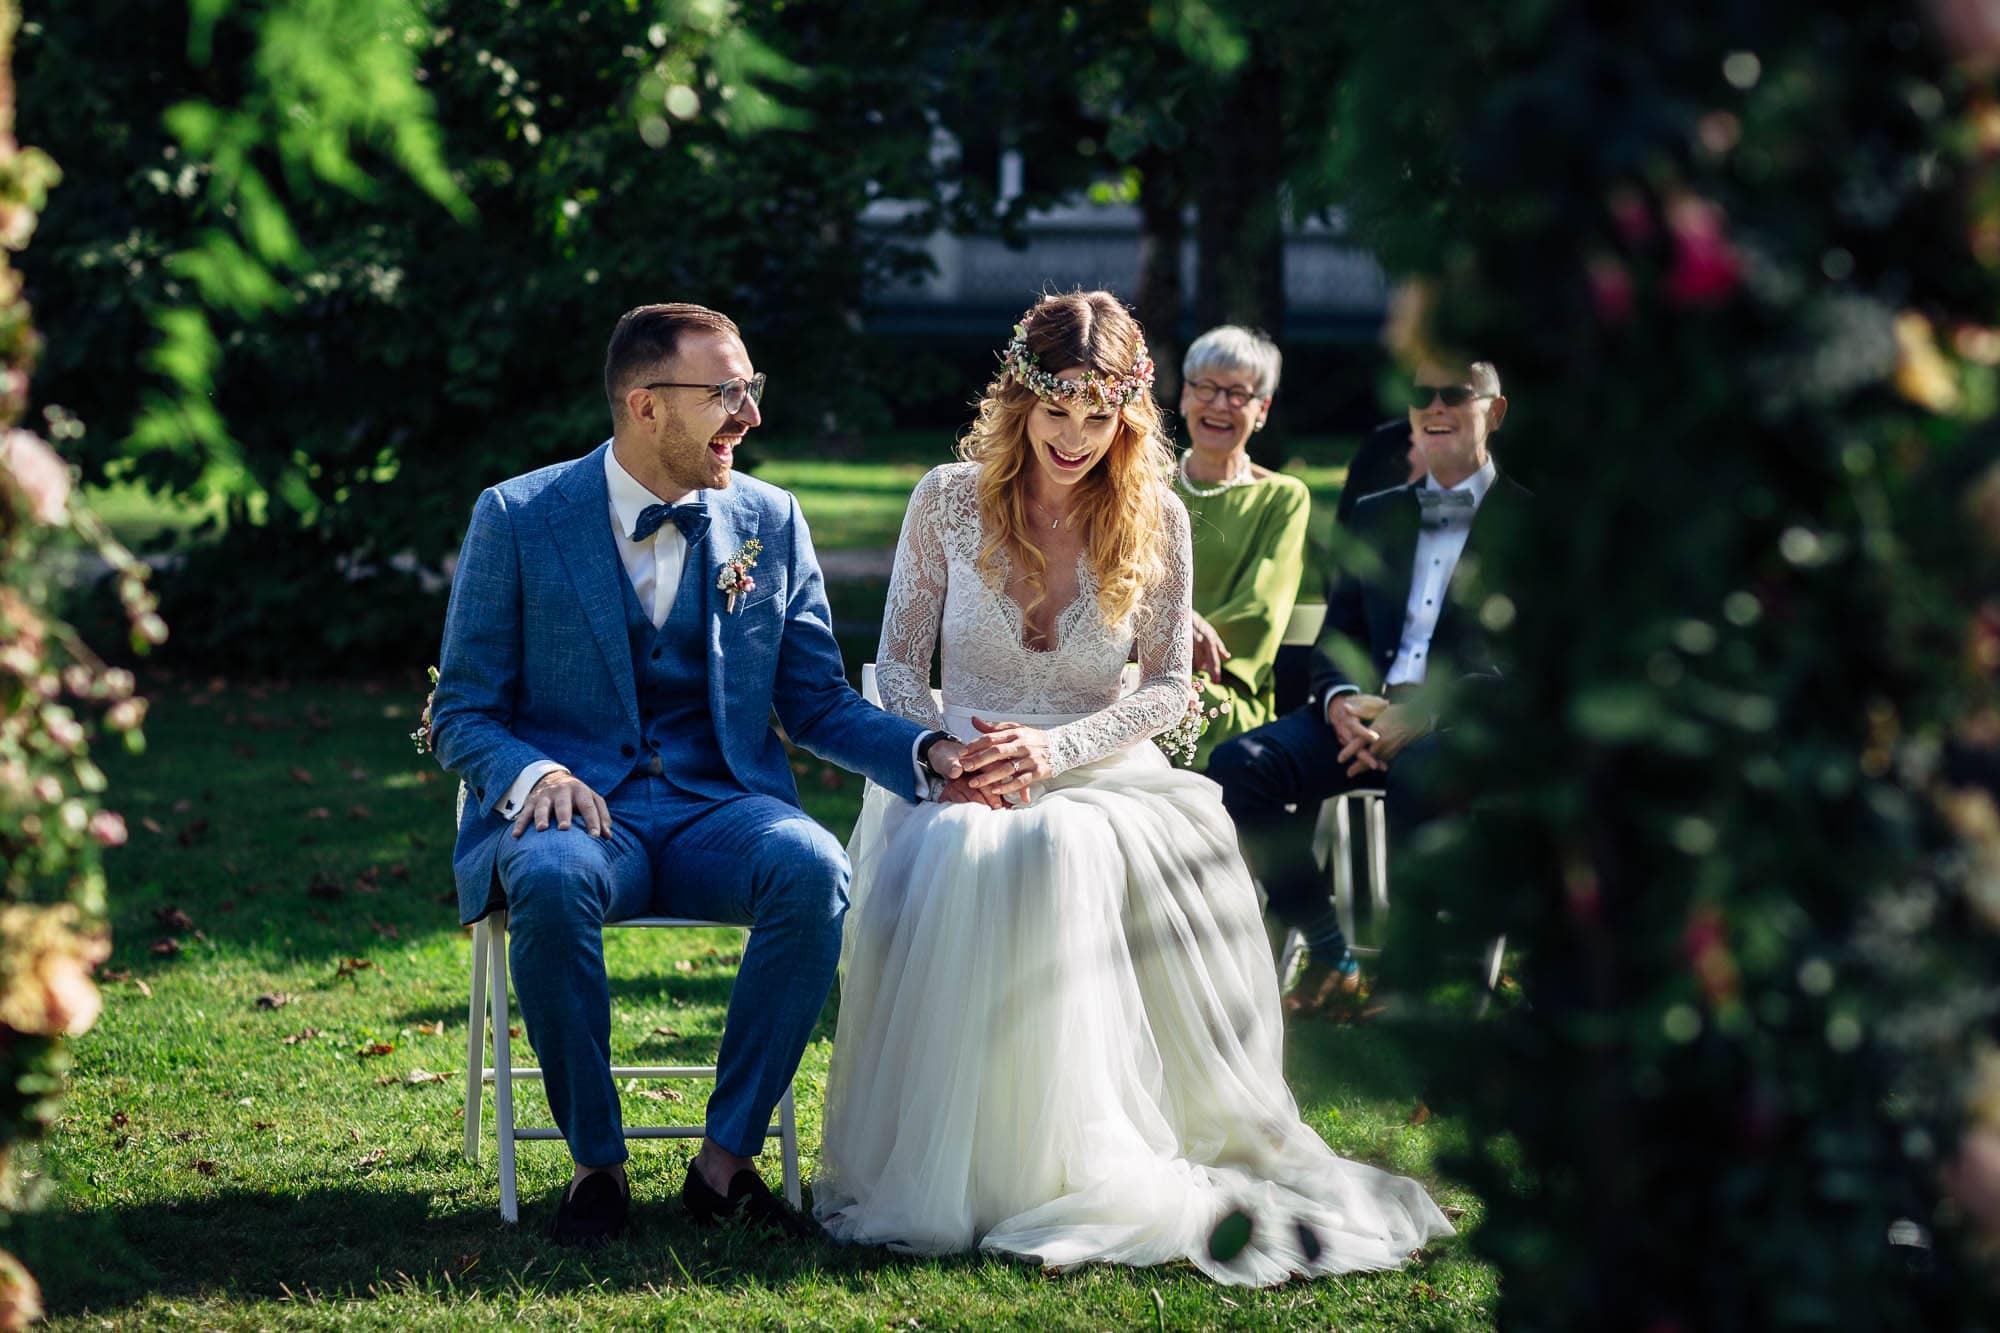 Brautpaar auf grüner Wiese bei Hochzeitszeremonie